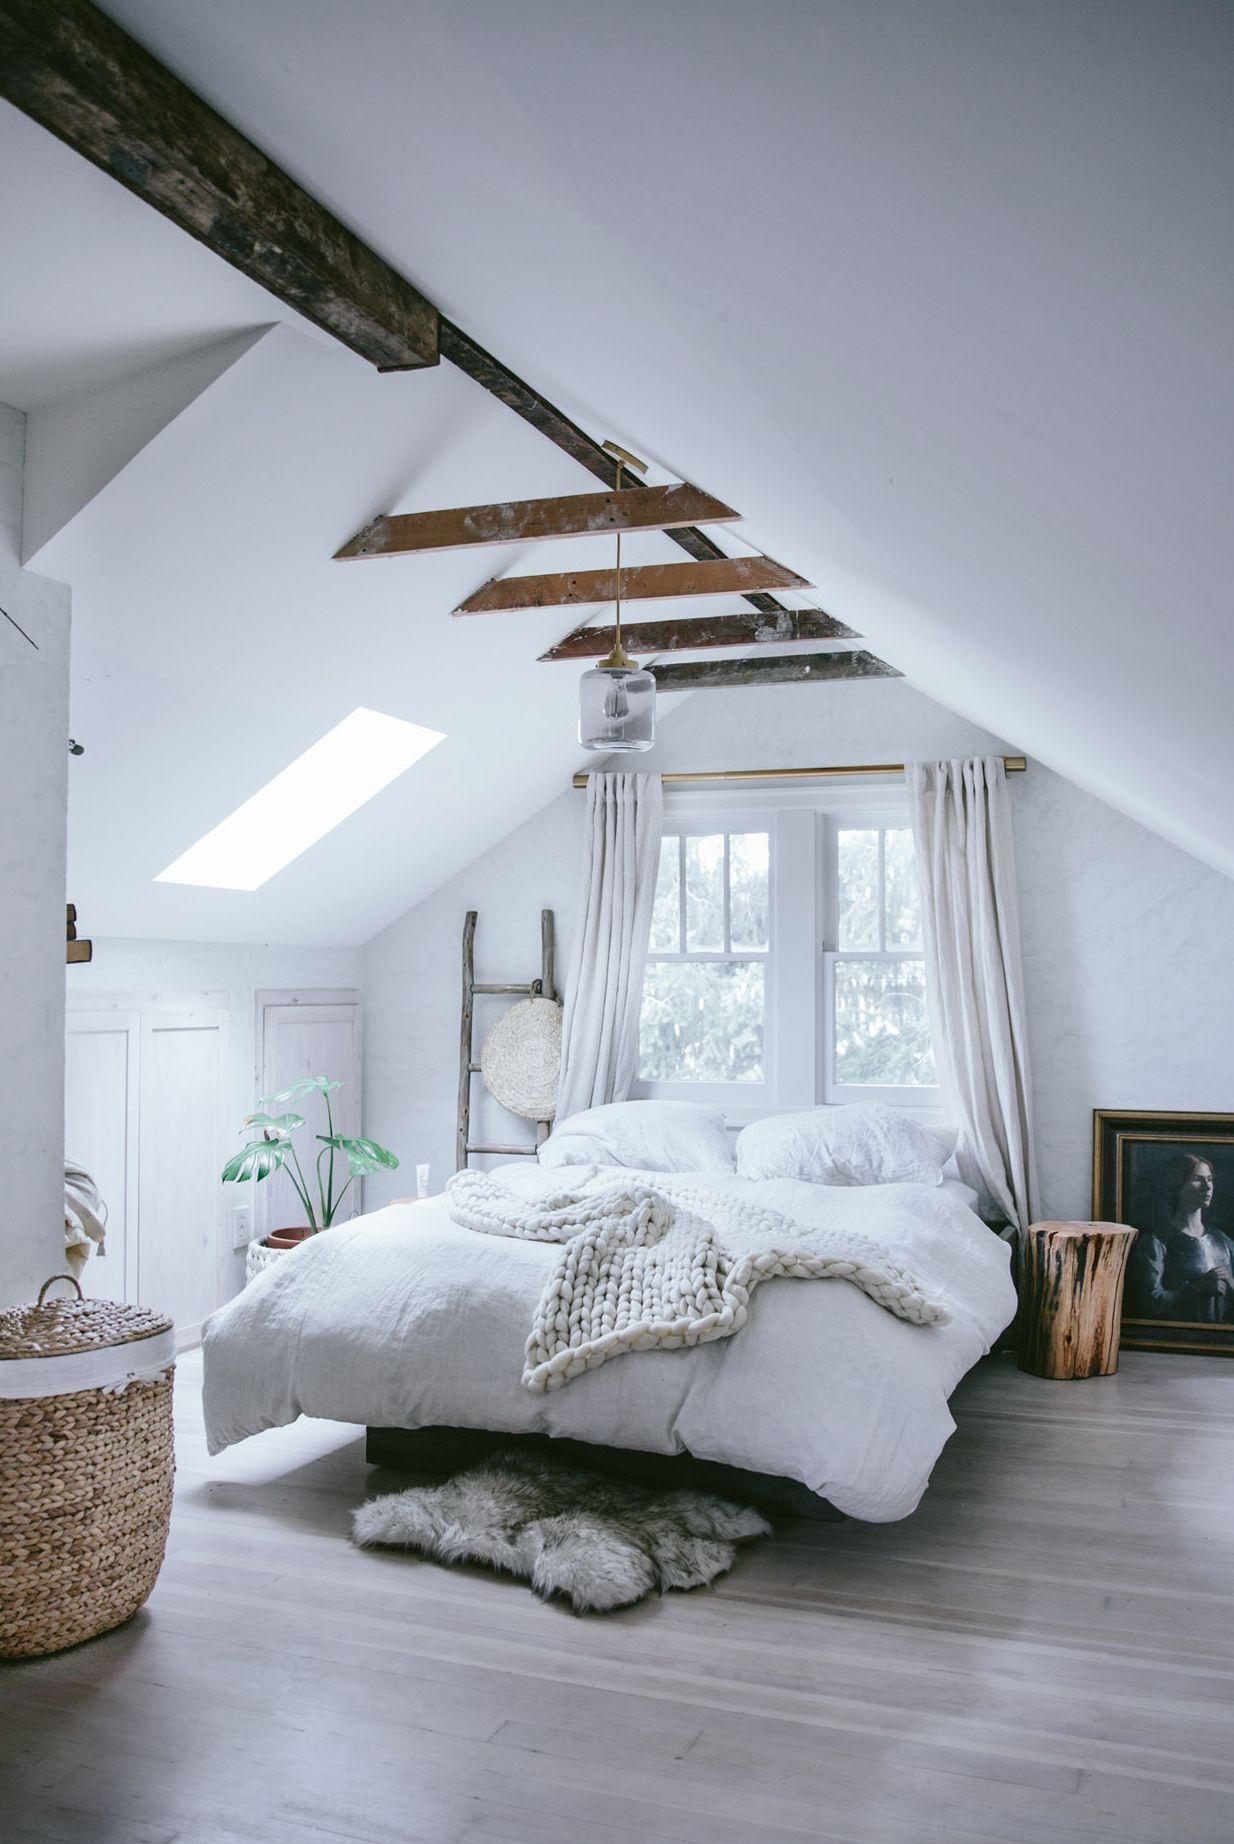 Match made in heaven een witte zolderkamer met contrasterende houten balken Roomed